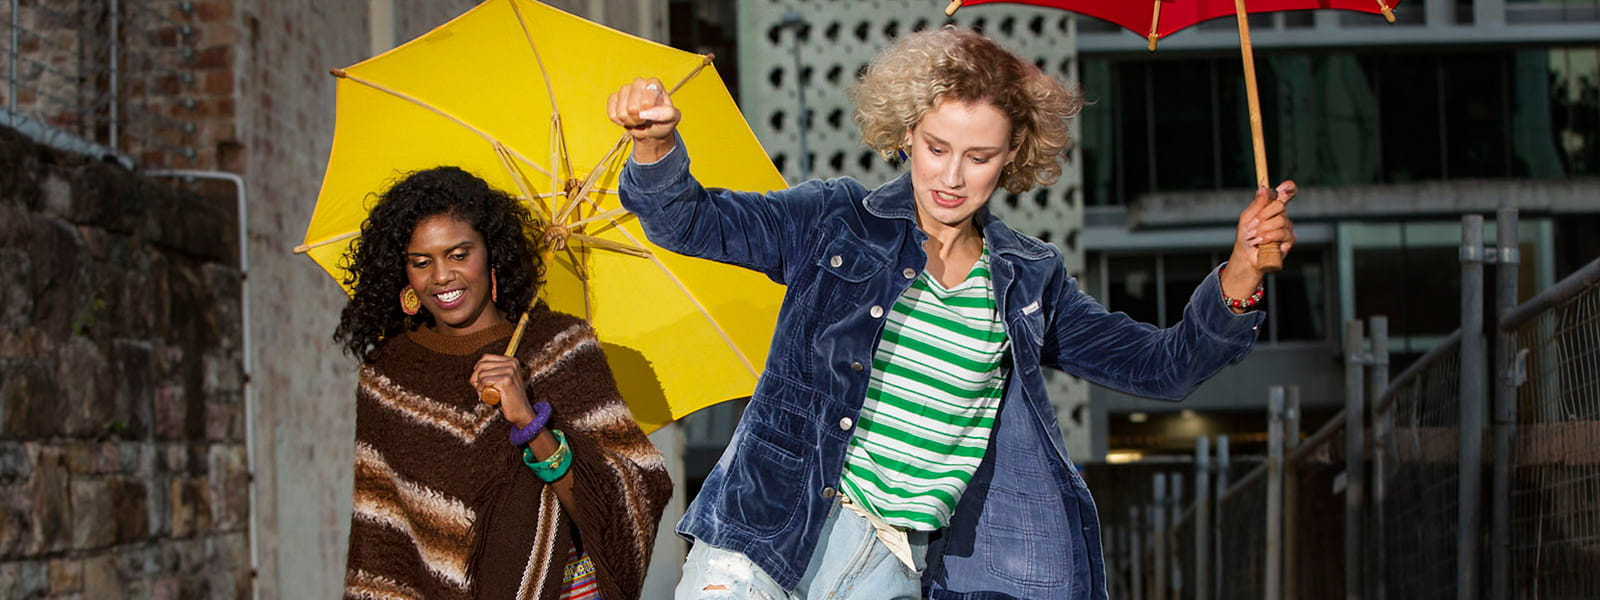 Supabrella